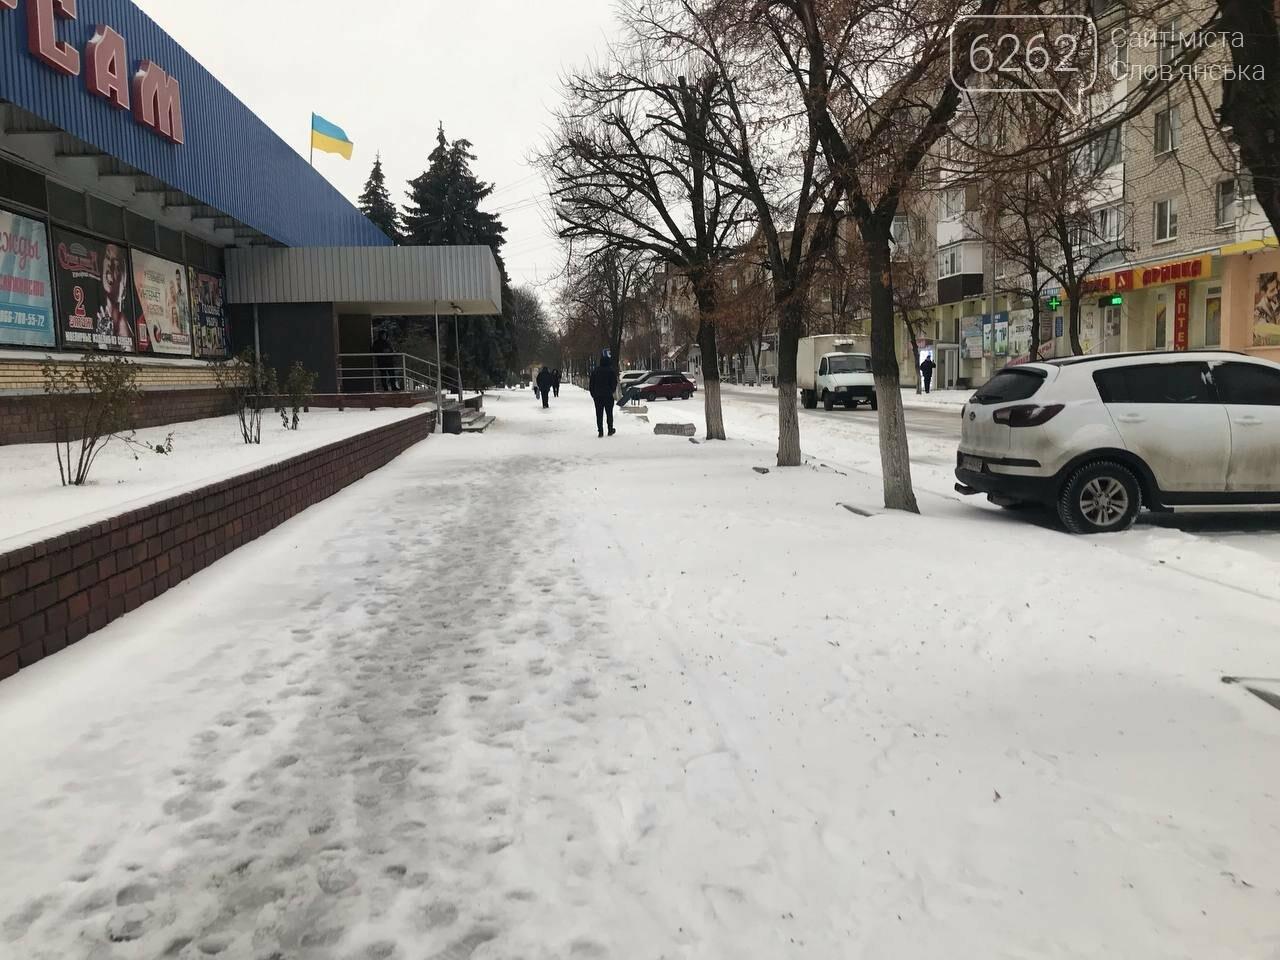 Засніжений Слов'янськ. Фоторепортаж з вулиць міста , фото-19